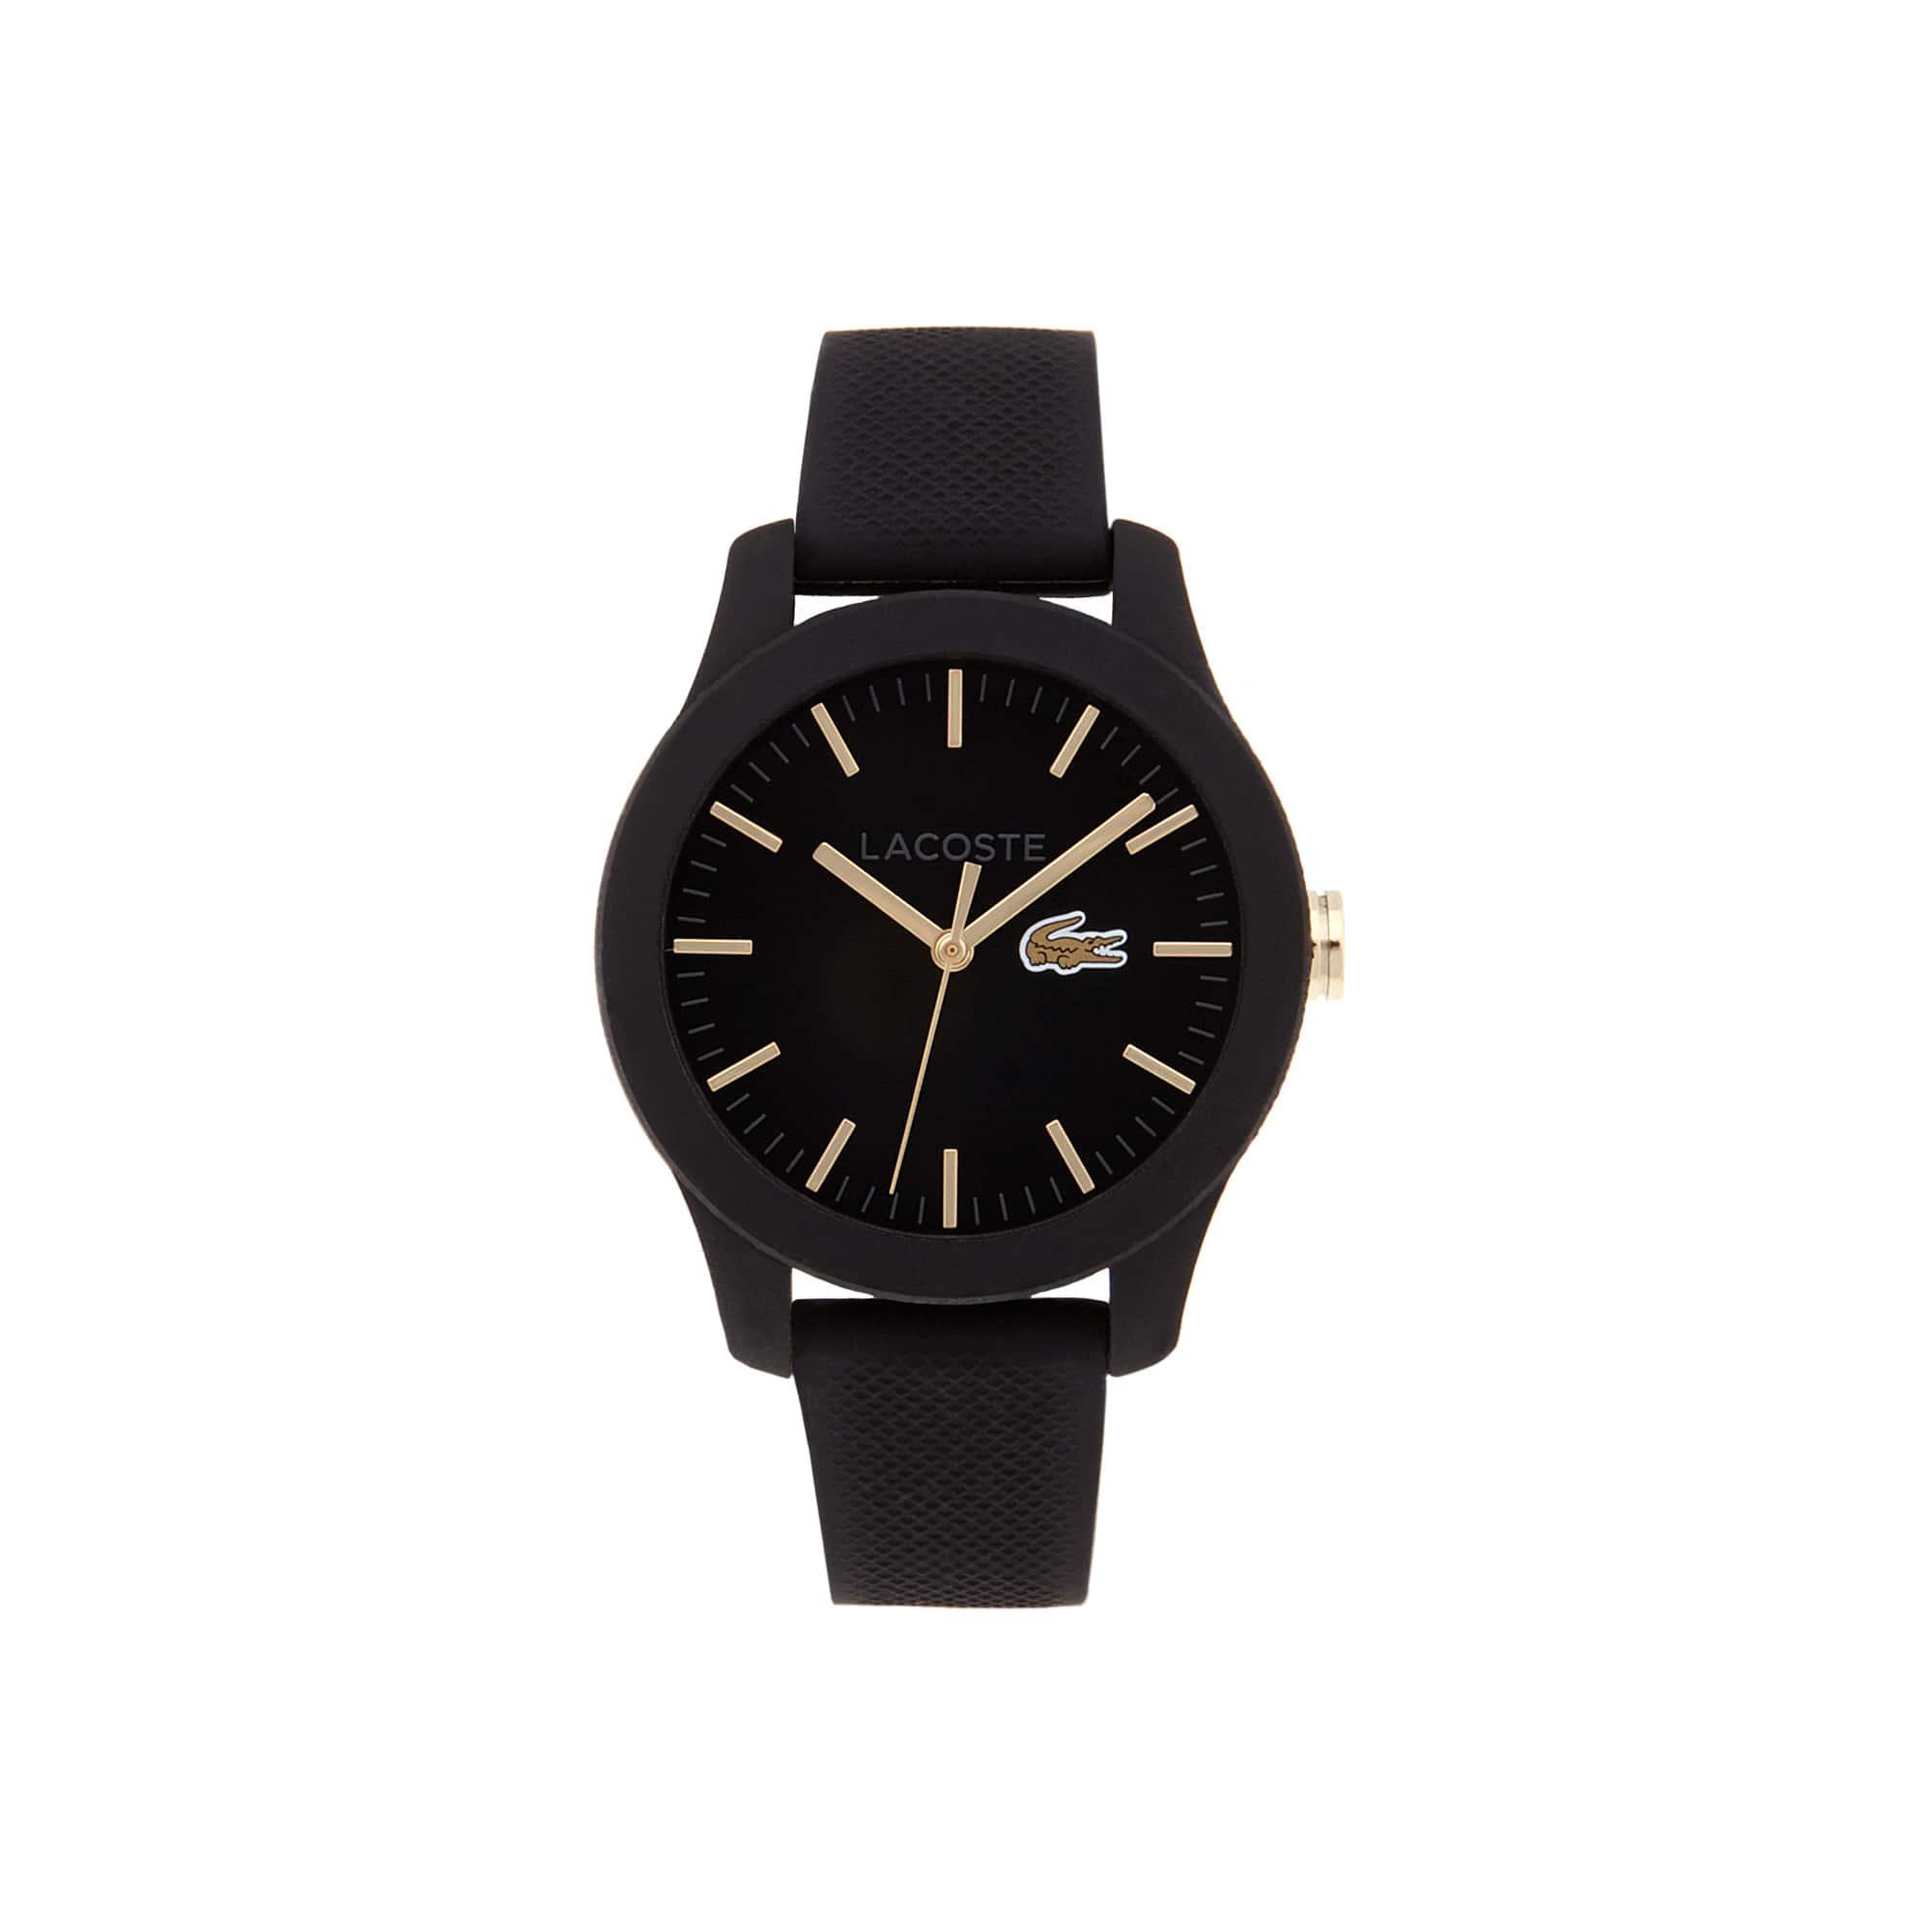 Relógio Lacoste 12.12 Homem com Bracelete em Silicone Preto